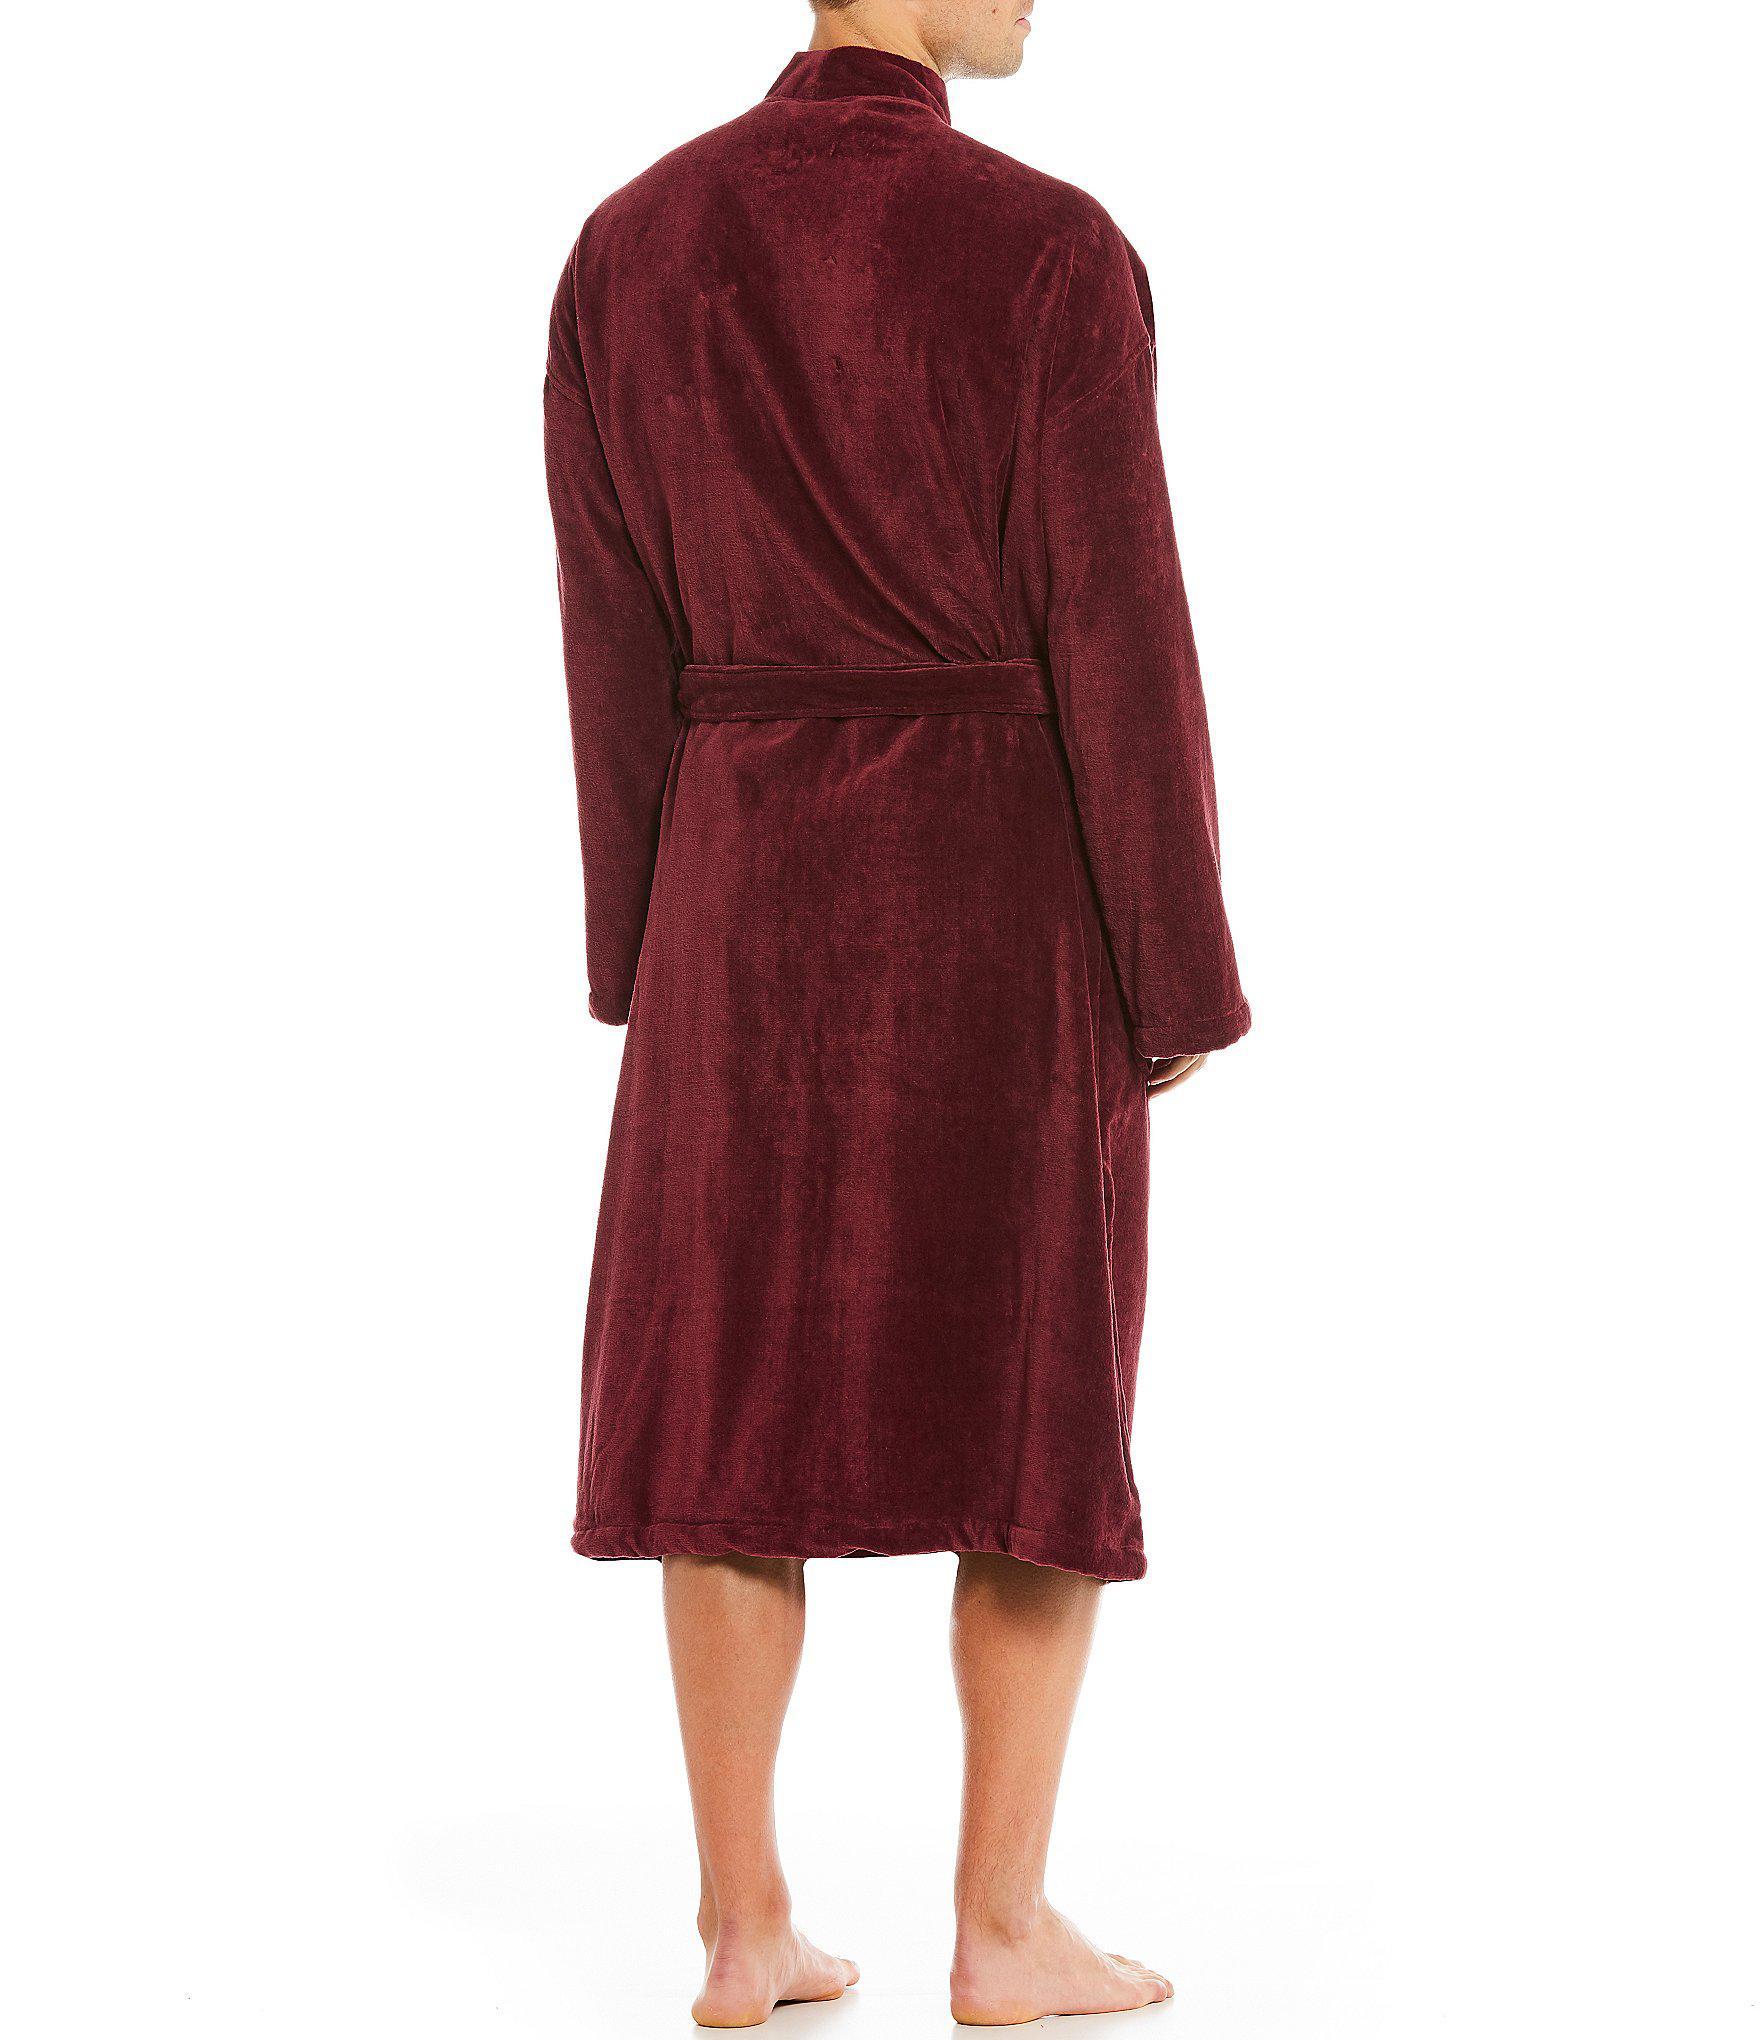 Lyst - Polo Ralph Lauren Velour Kimono Robe in Red for Men